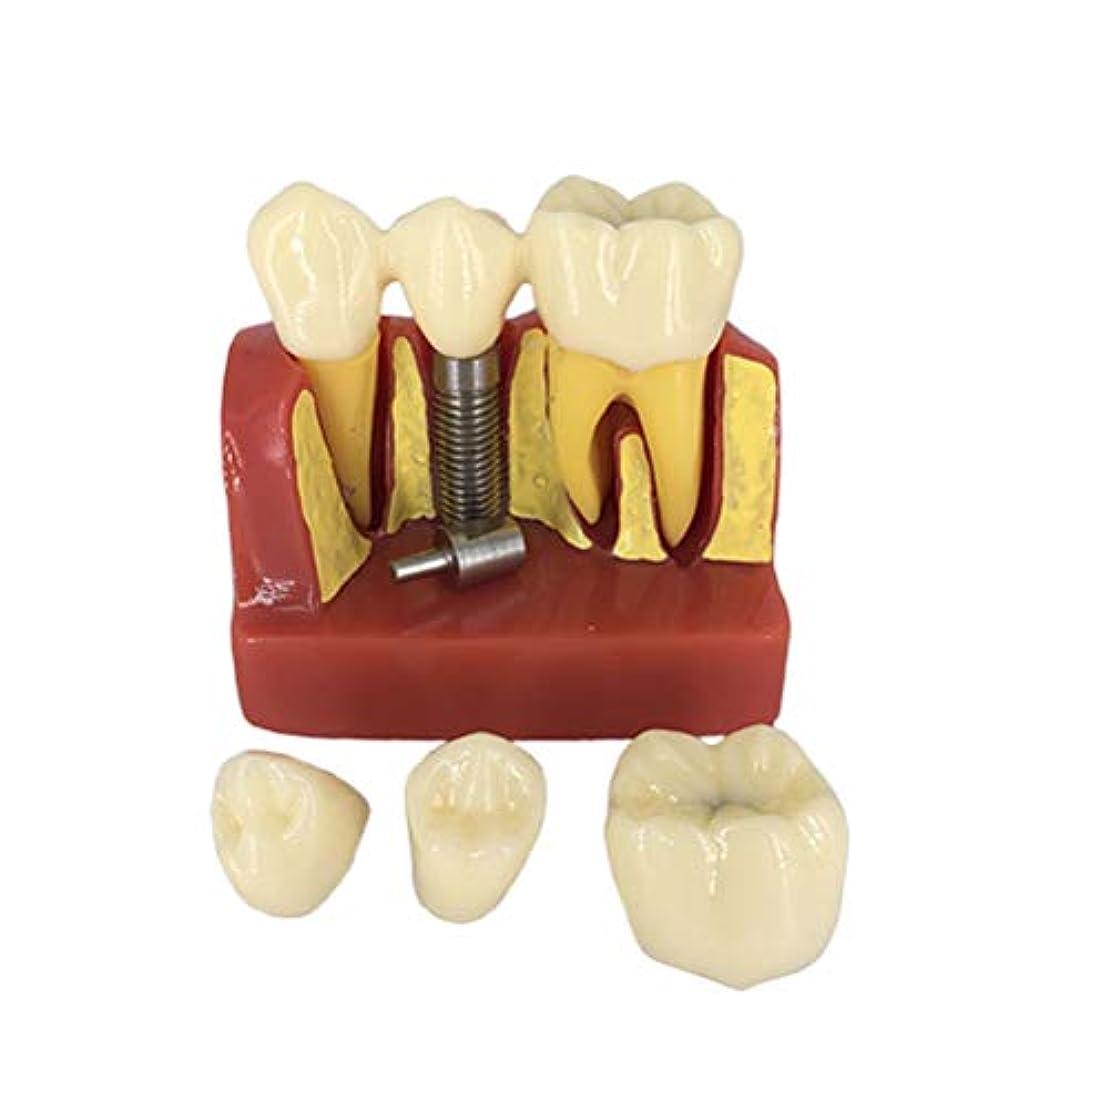 慢性的自発ビルHEALIFTY デンタルデモンストレーション歯モデルデンタルモードを教える標準的な研究